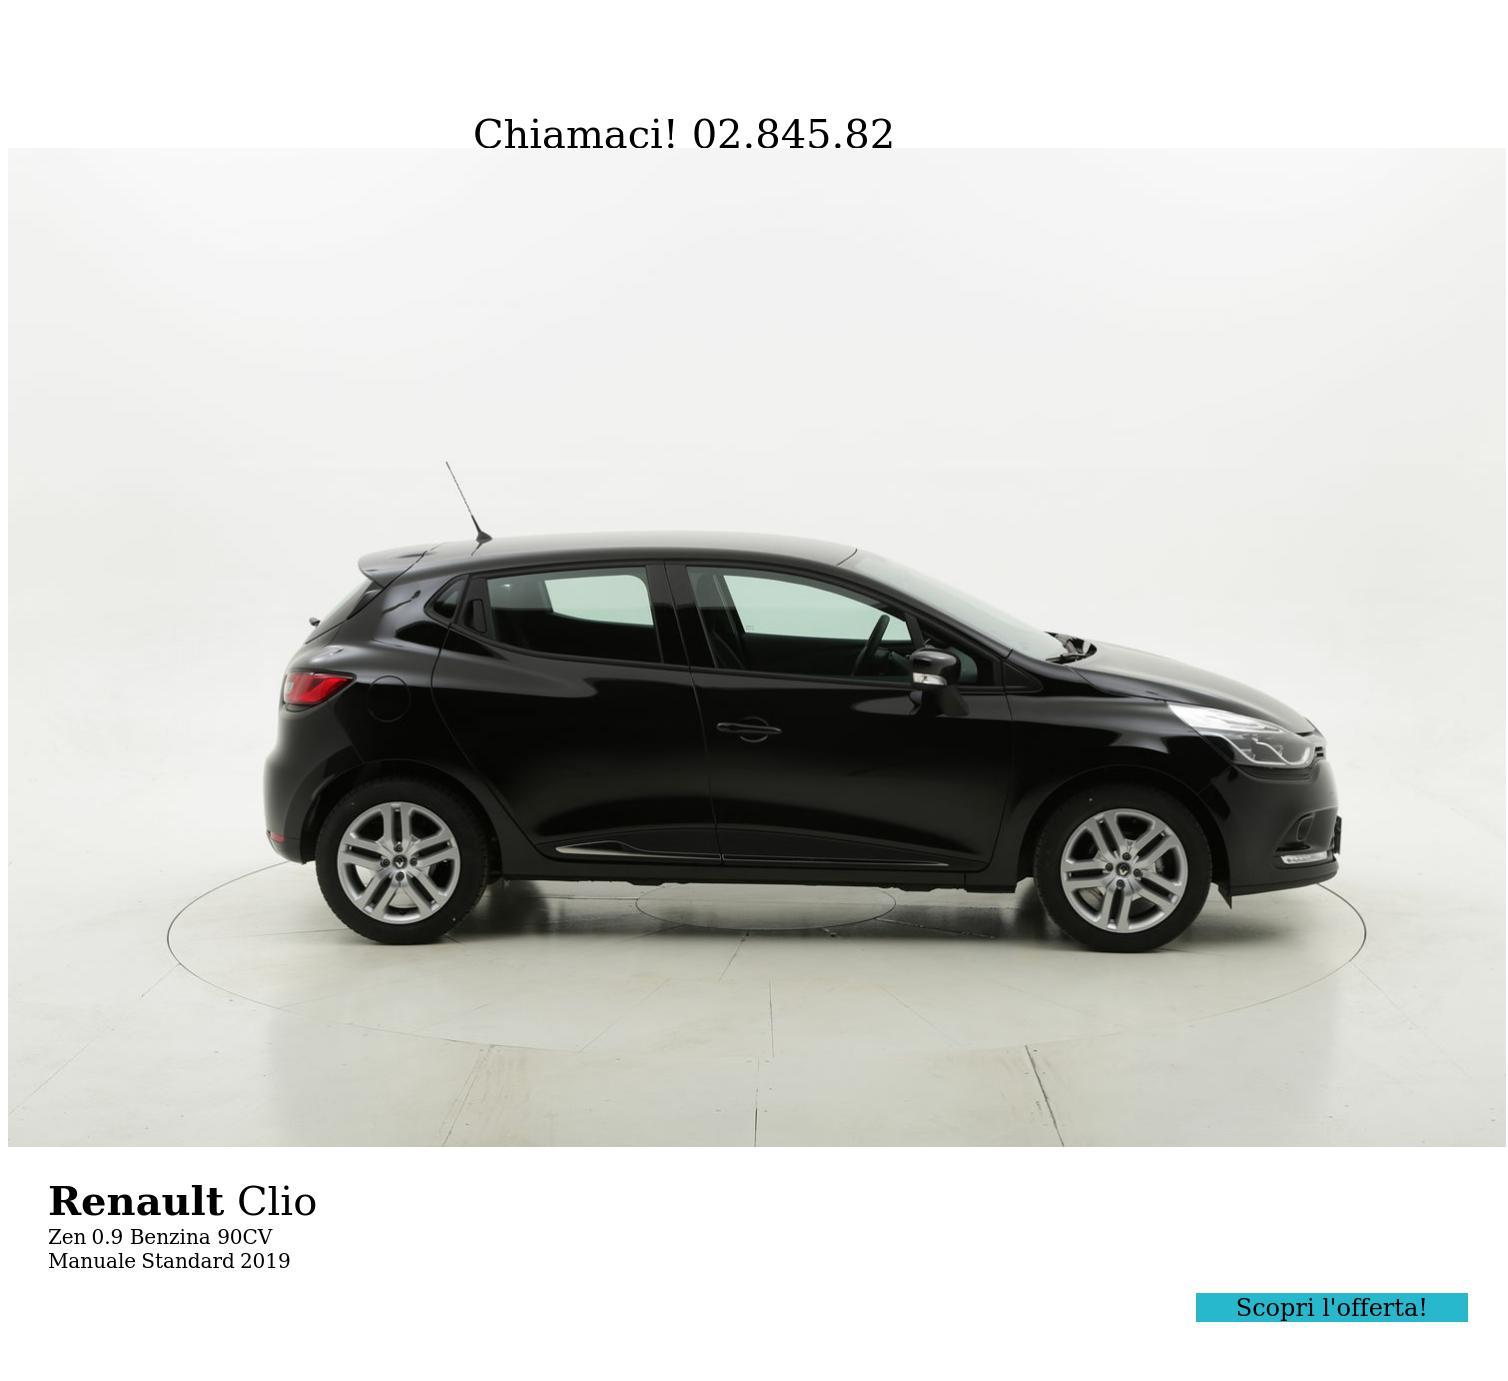 Renault Clio Zen km 0 benzina nera | brumbrum